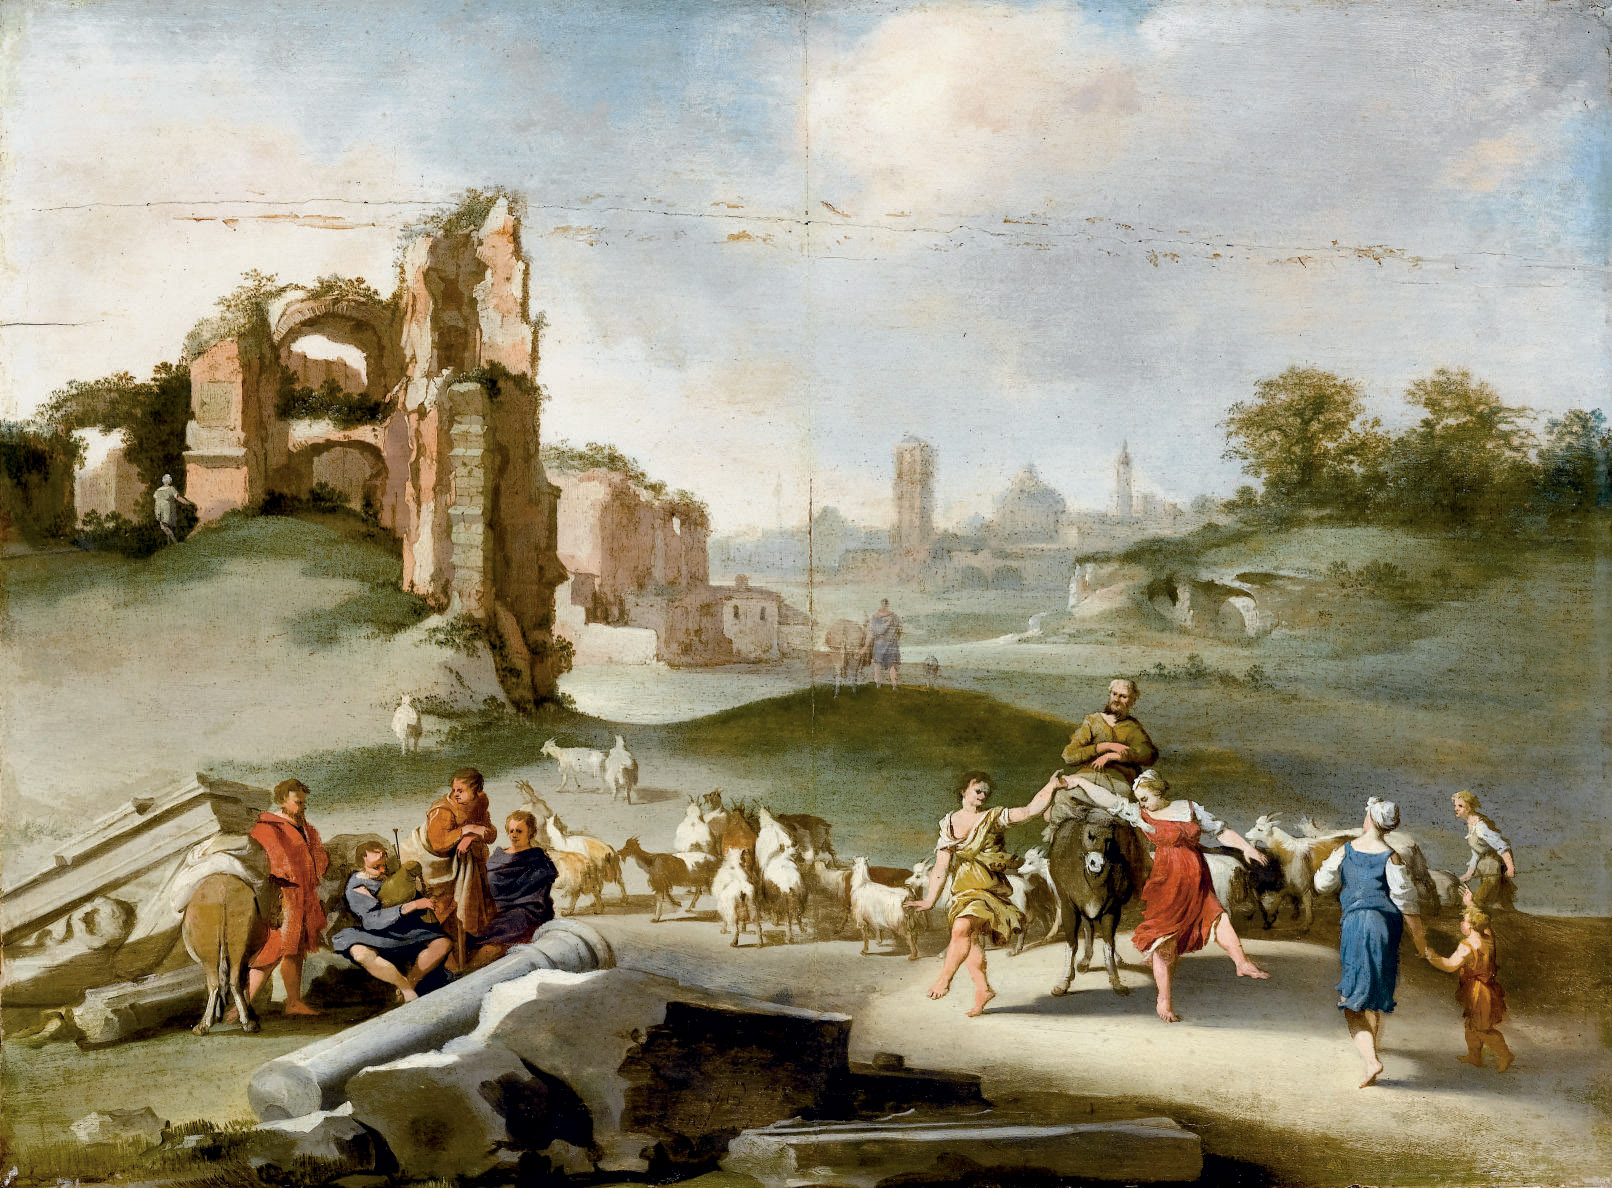 Paesaggio con rovine e figure